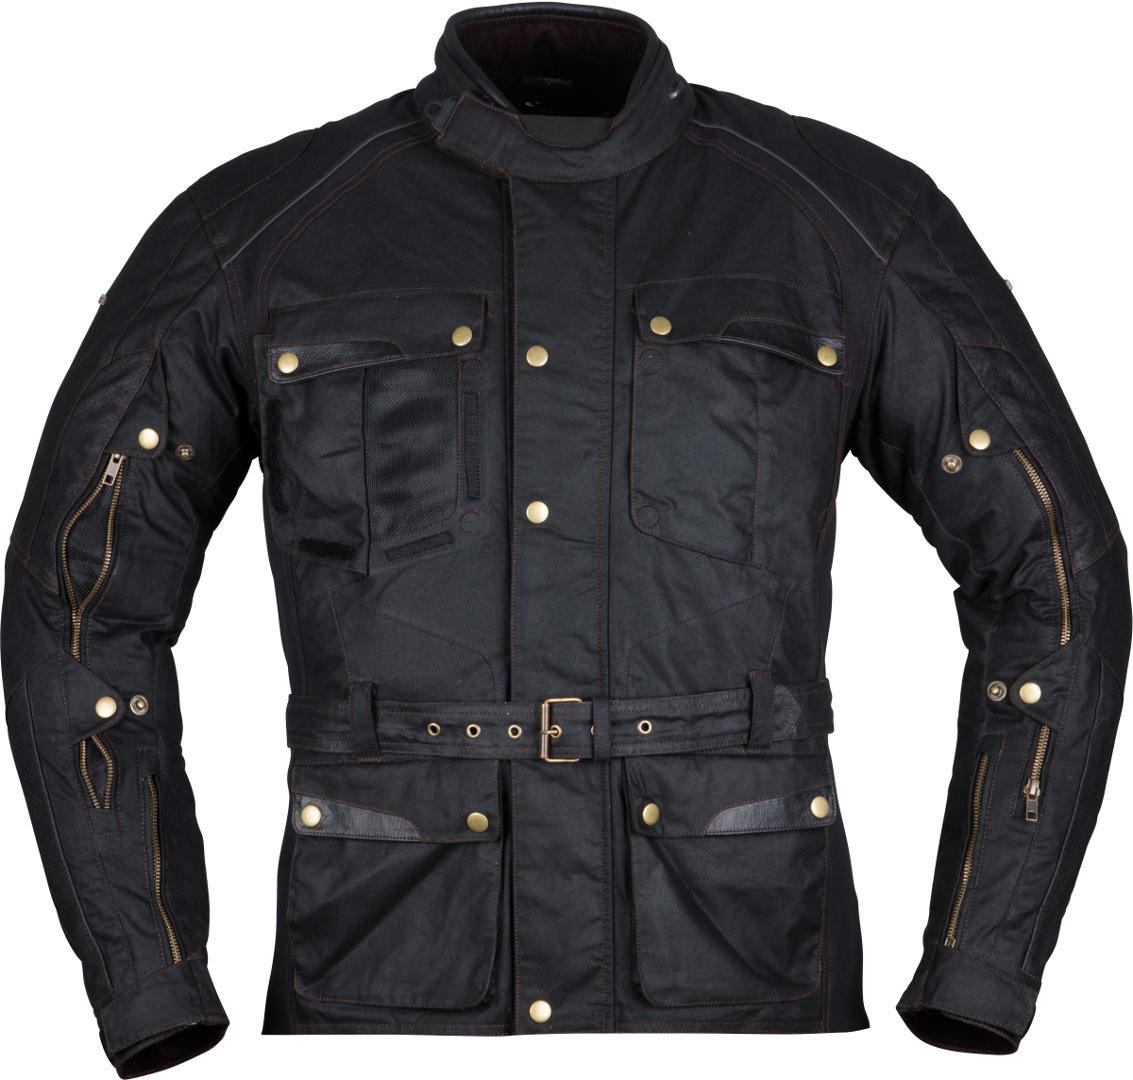 Modeka Glasgow Air Motorrad Textiljacke, schwarz, Größe 3XL, schwarz, Größe 3XL